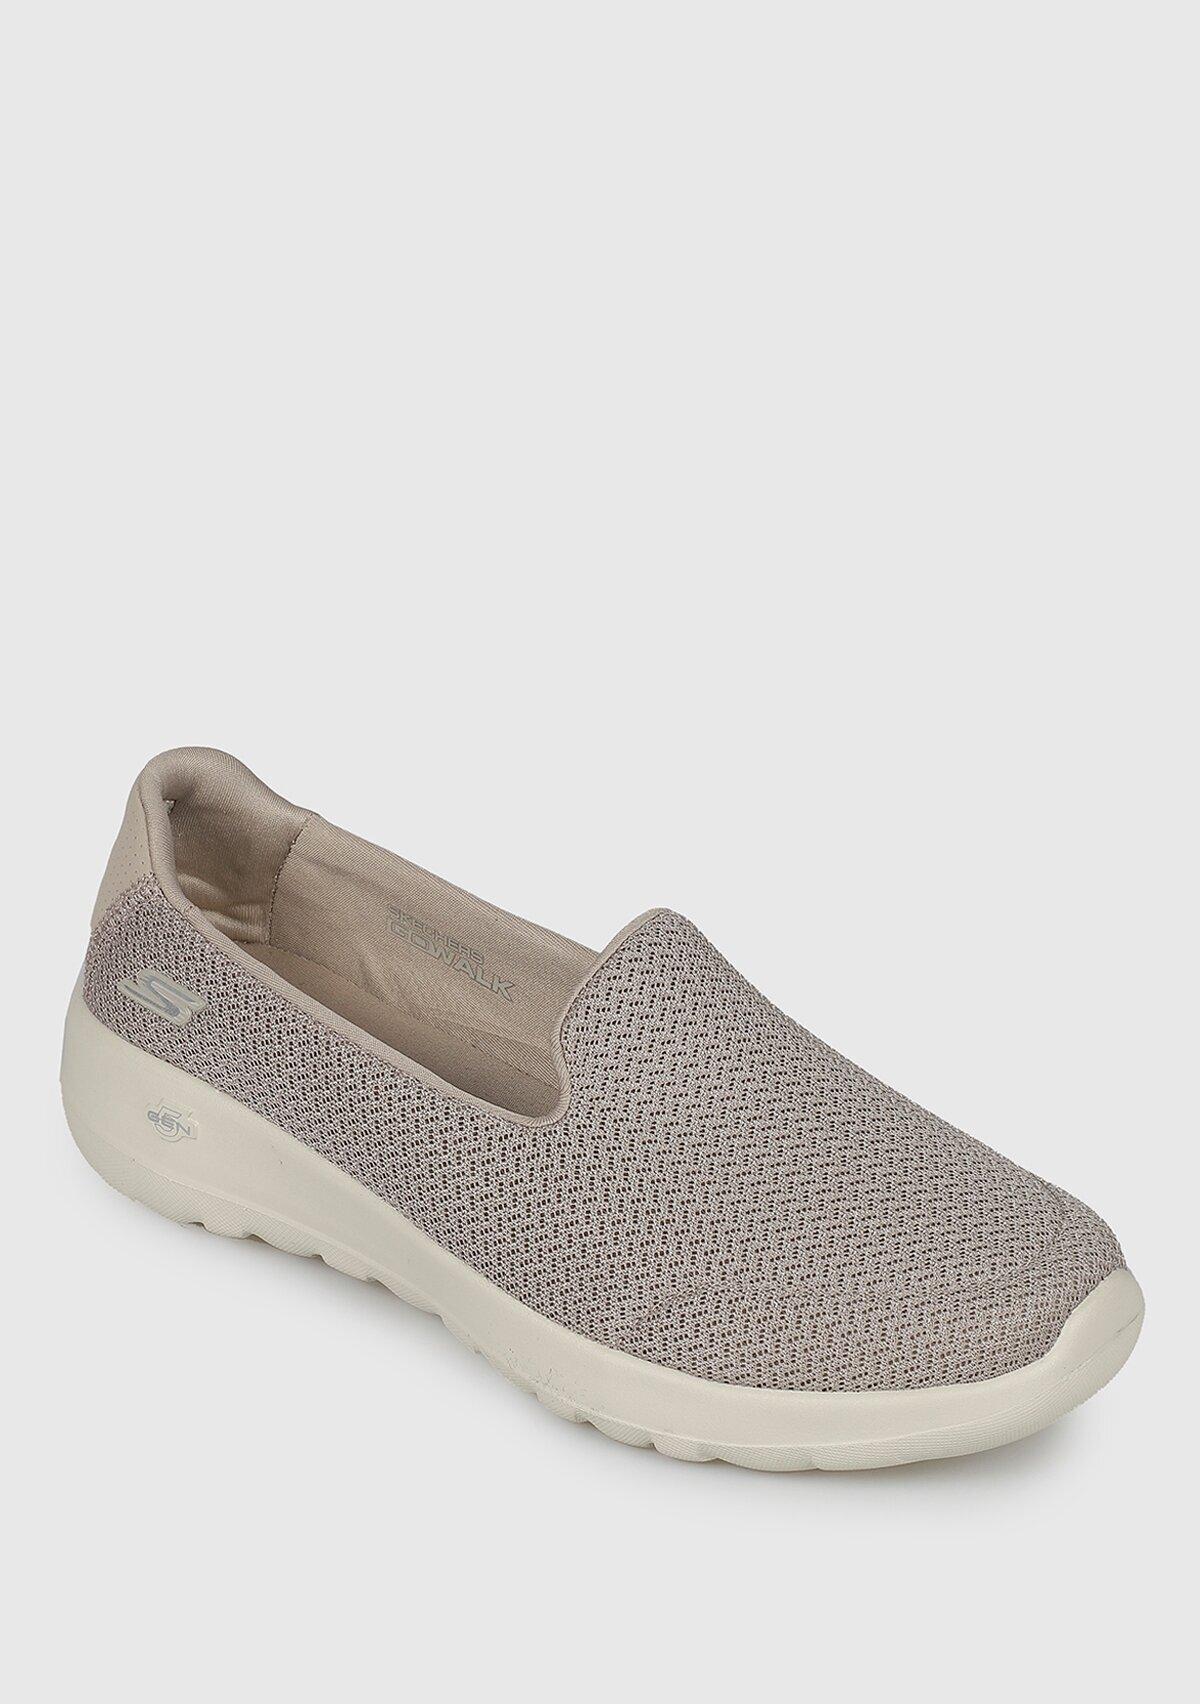 resm Go Walk Joy Bej Kadın Sneaker 15648Tpe